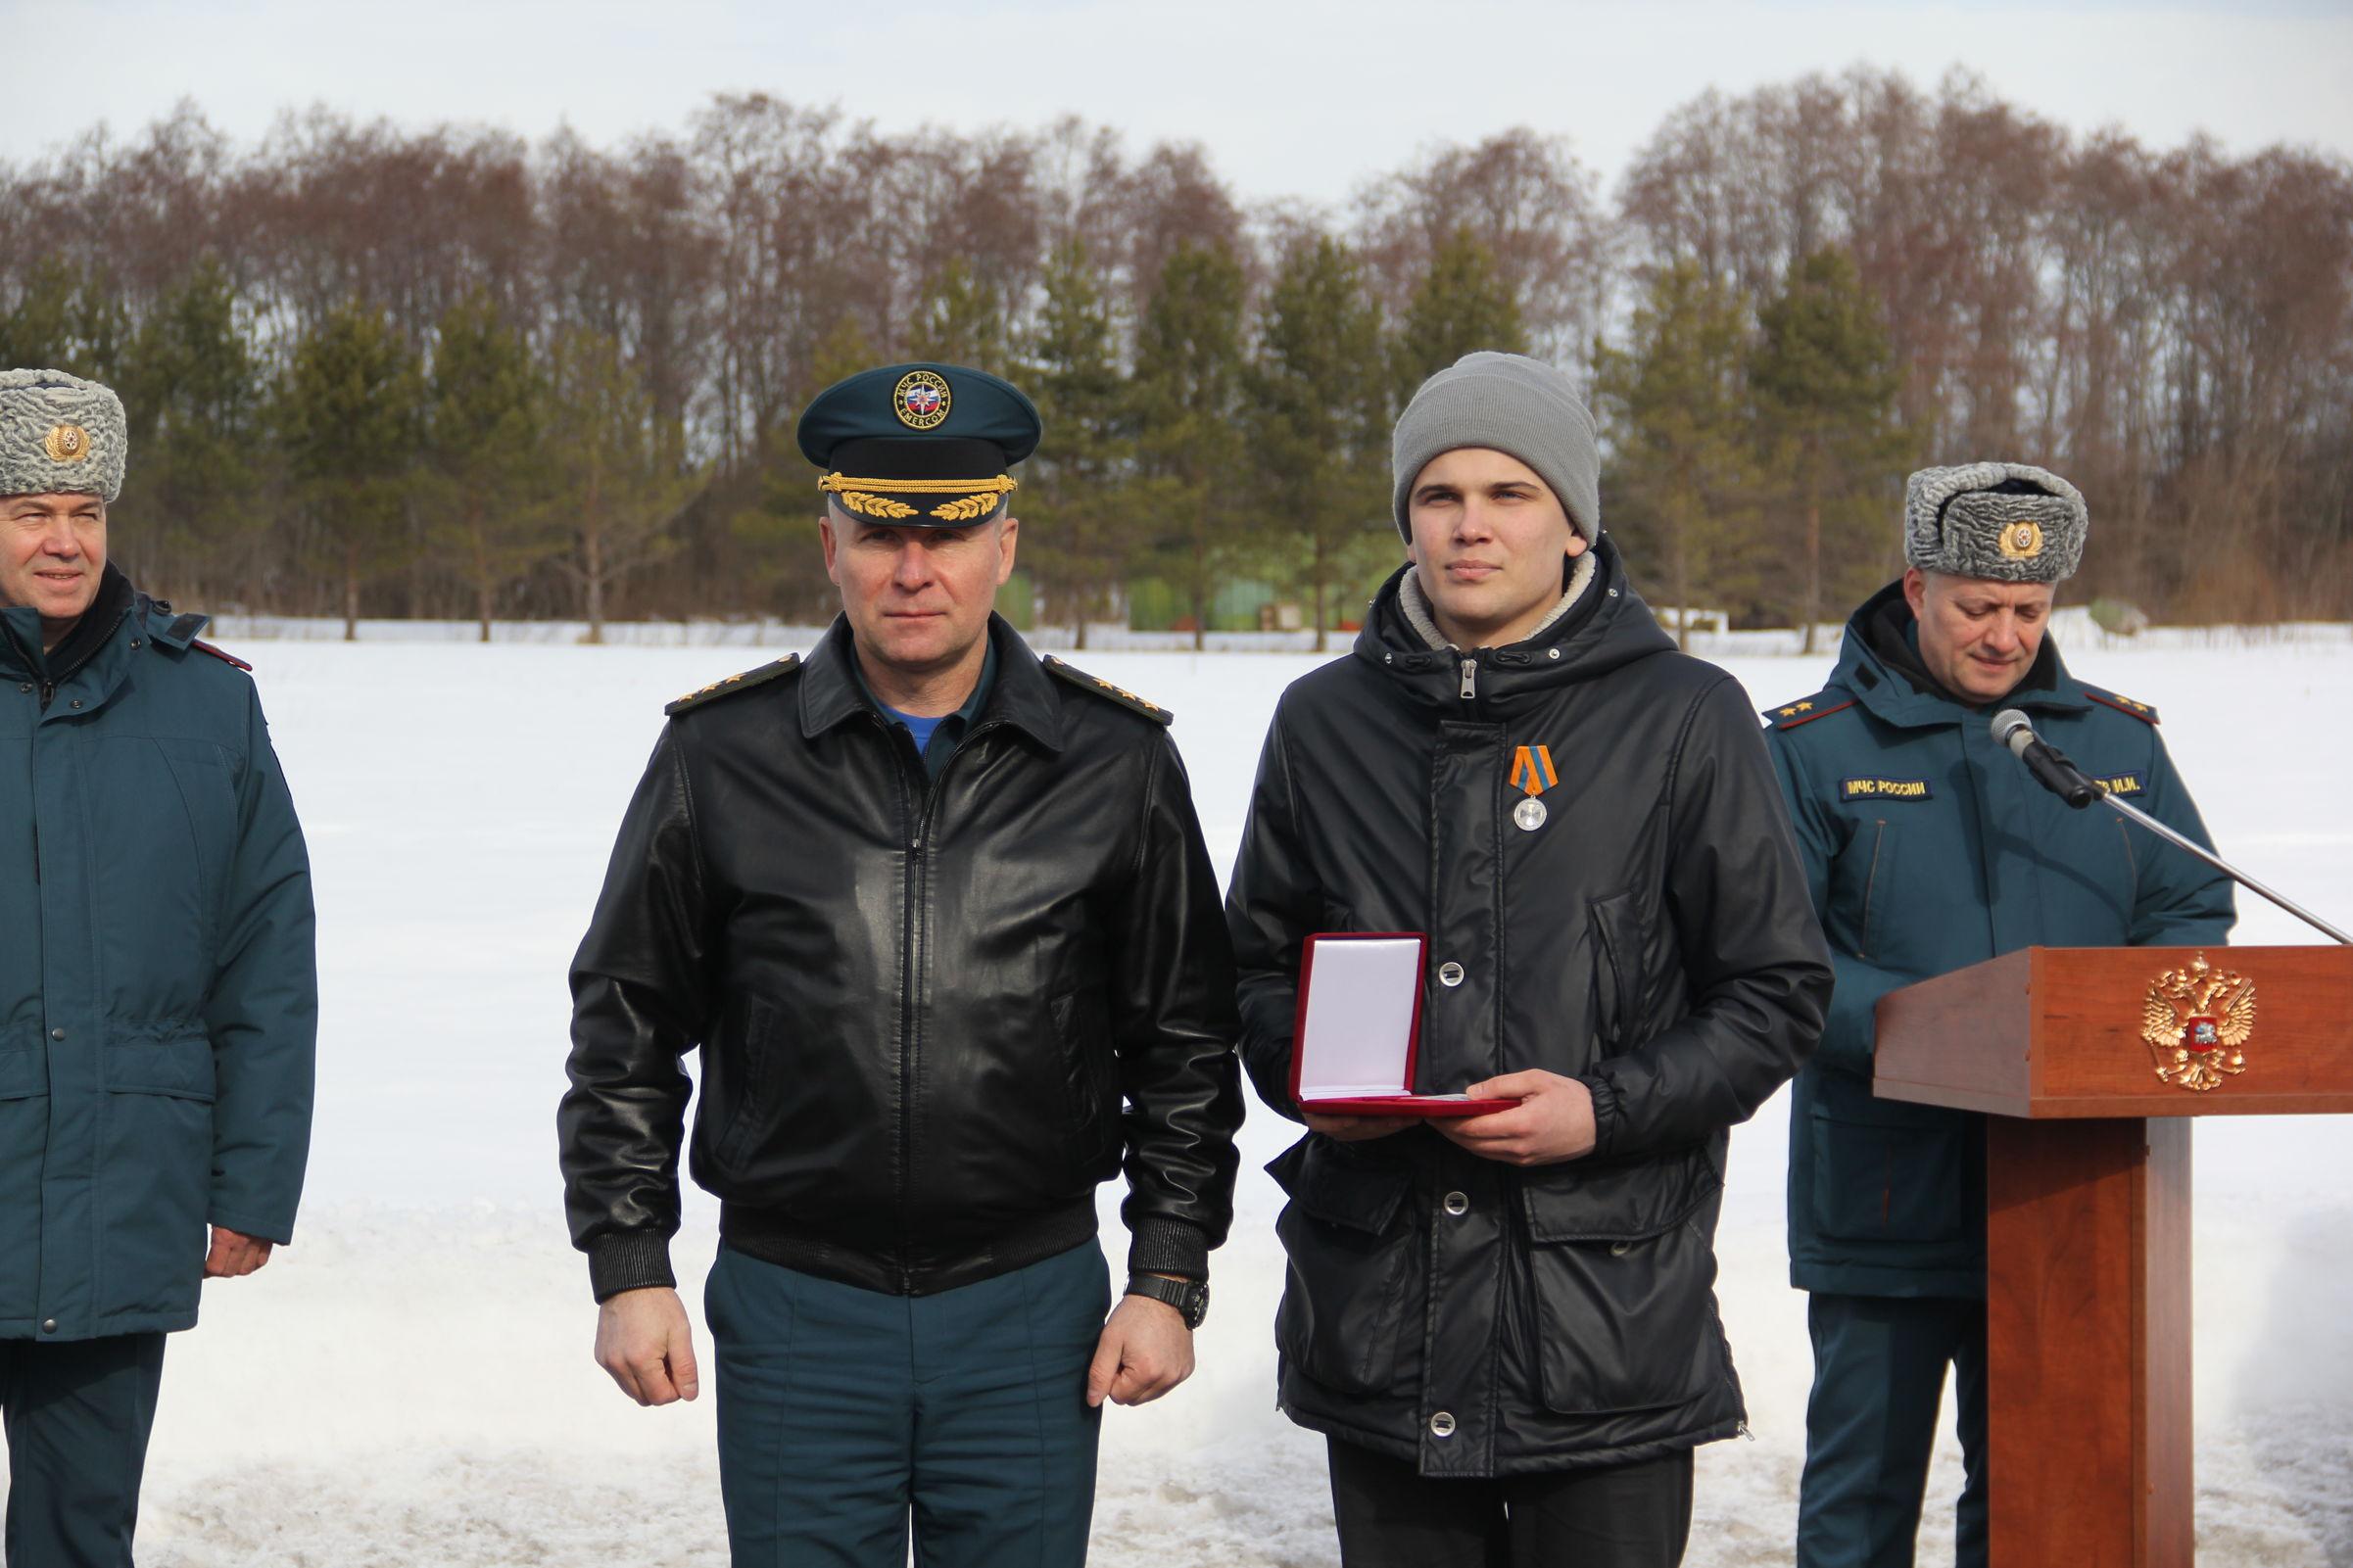 Глава МЧС вручил награды ярославцам, предотвратившим взрыв дома